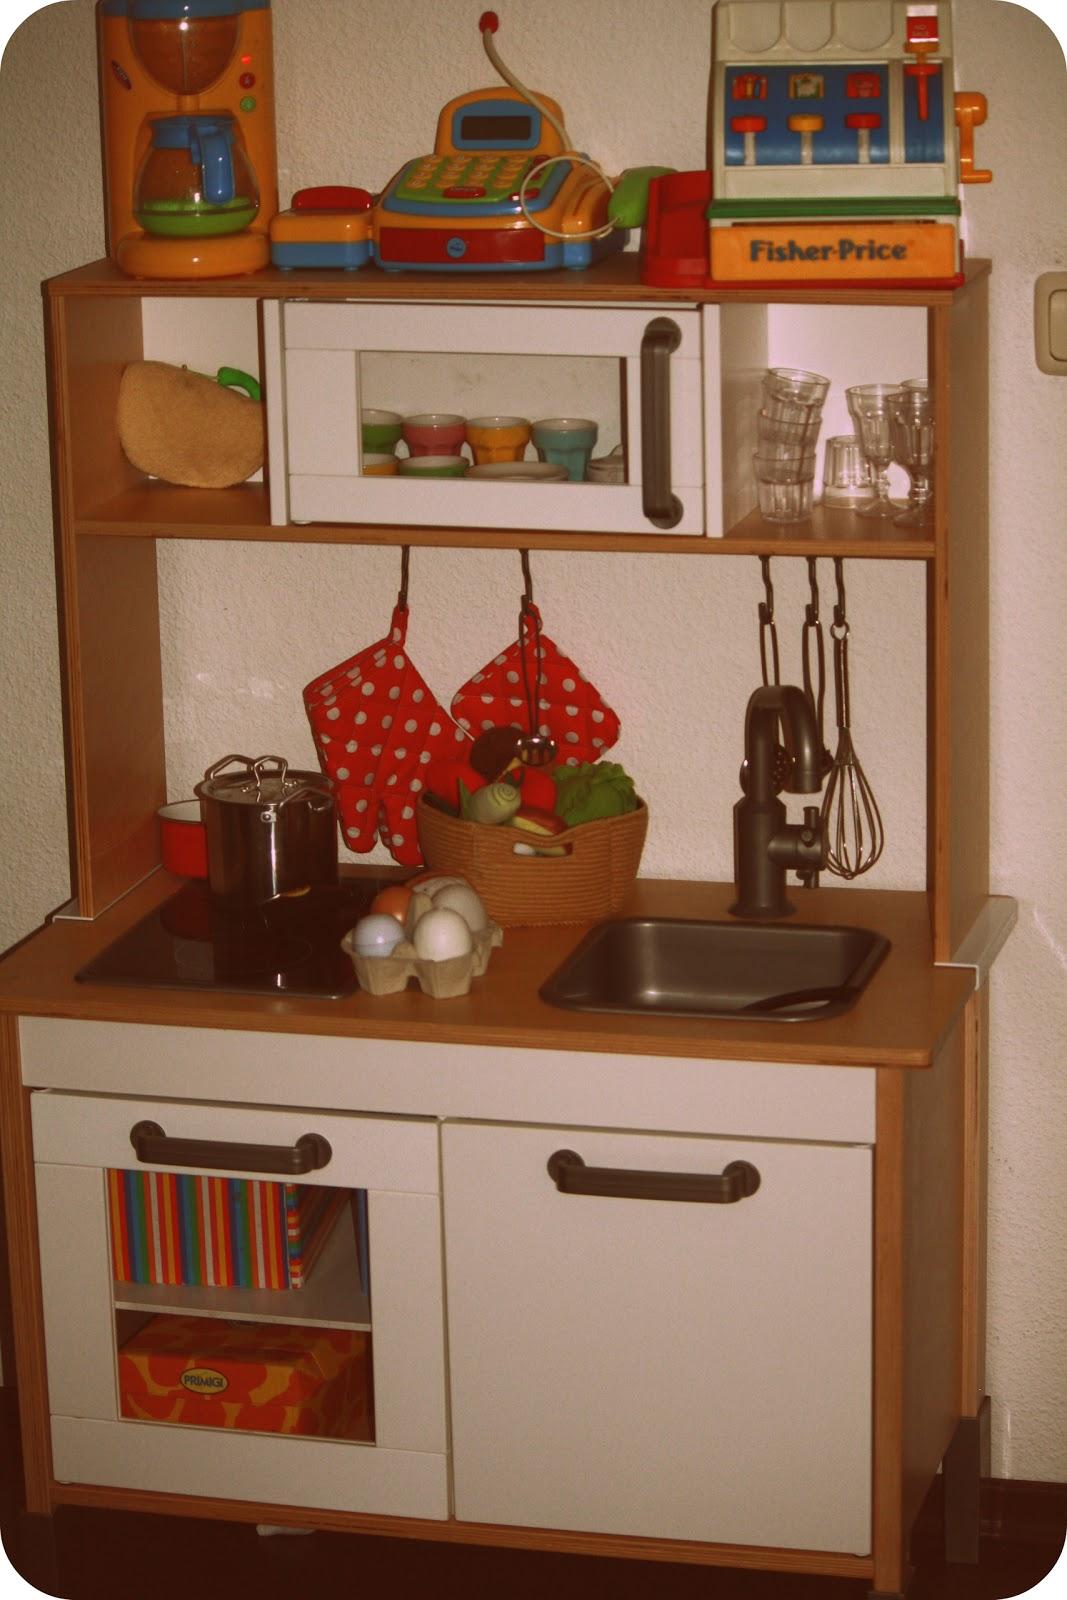 Full Size of Ikea Miniküchen Ruhrpottgre Und Ihr Alltagswahnsinn Kinderkche Sofa Mit Schlaffunktion Betten Bei Küche Kosten Miniküche Kaufen Modulküche 160x200 Wohnzimmer Ikea Miniküchen